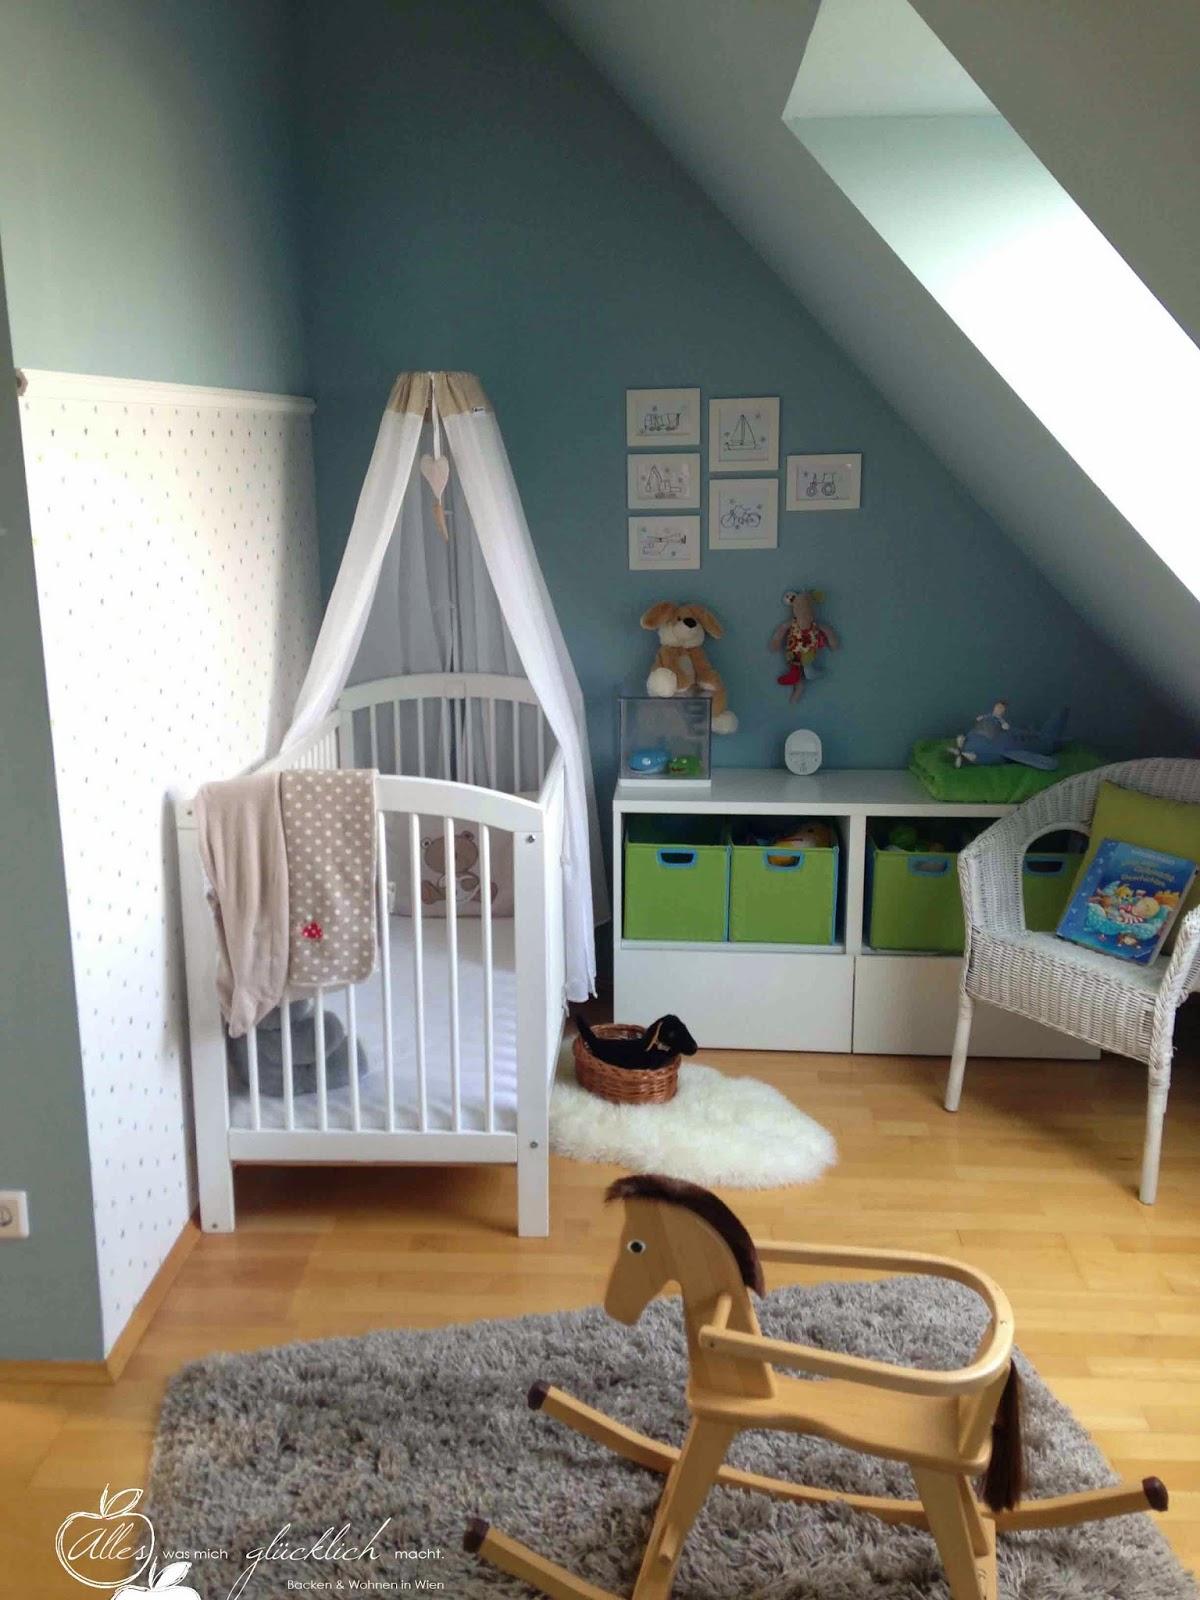 Das neue Kinderzimmer oder das Reich des kleinen Max